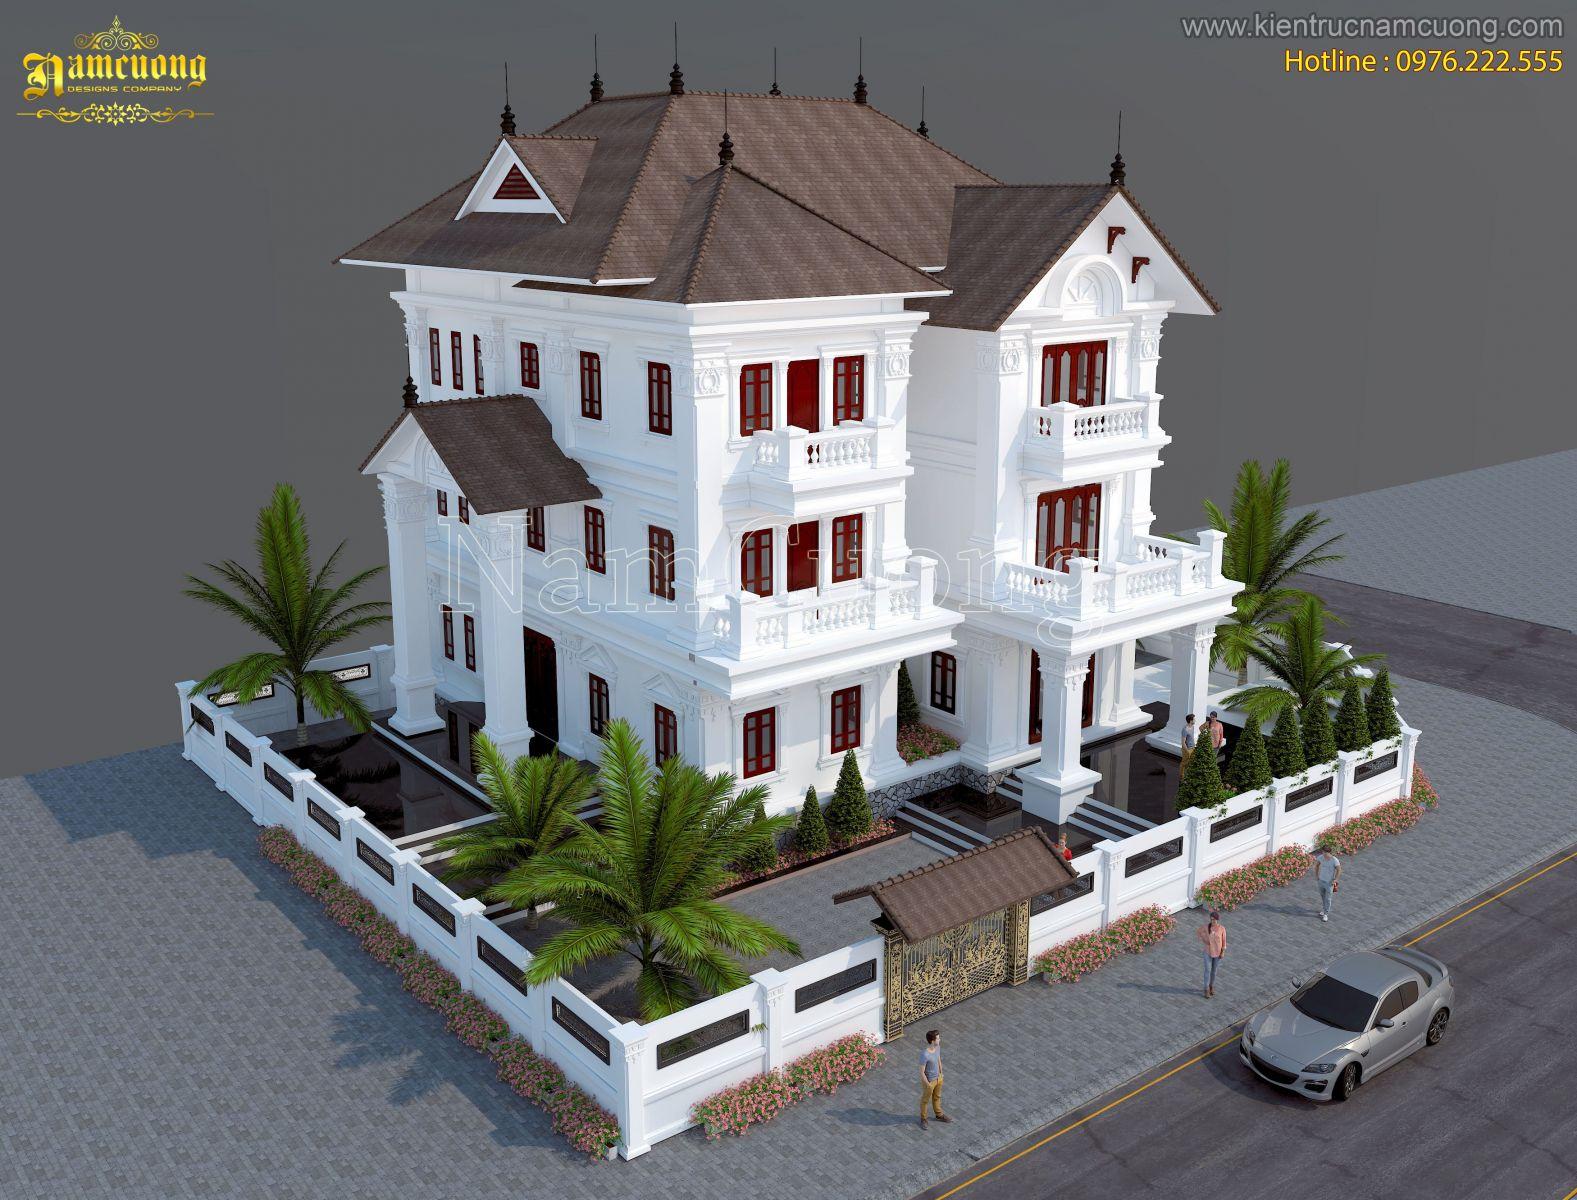 Mẫu biệt thự đẹp 3 tầng phong cách tân cổ điển sang trọng - BTCD 021